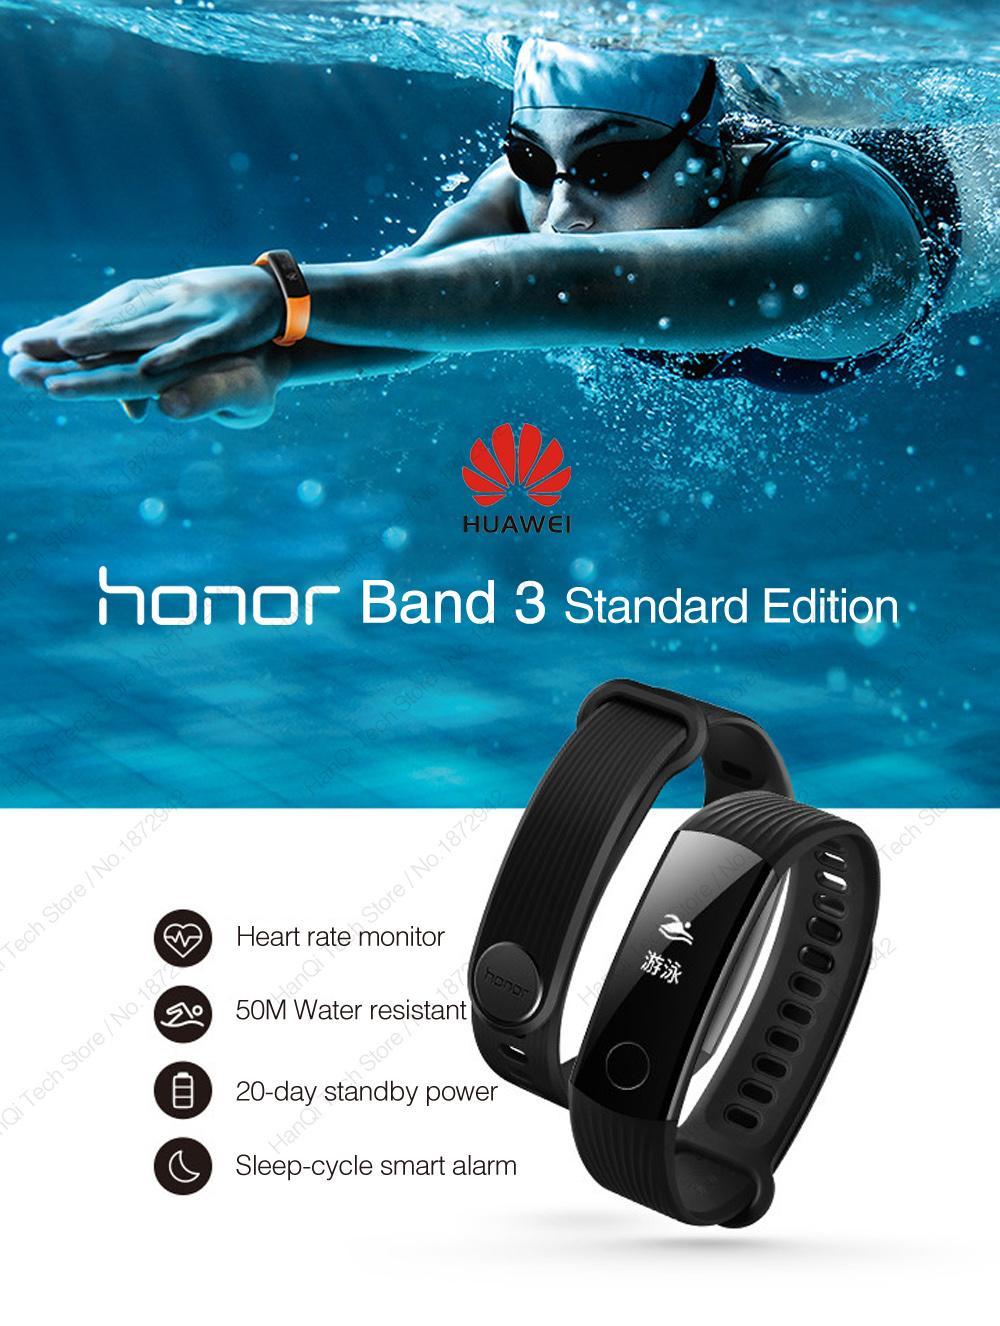 Hình ảnh Vòng theo dõi sức khỏe chống nước 5ATM Huawei Honor Band 3